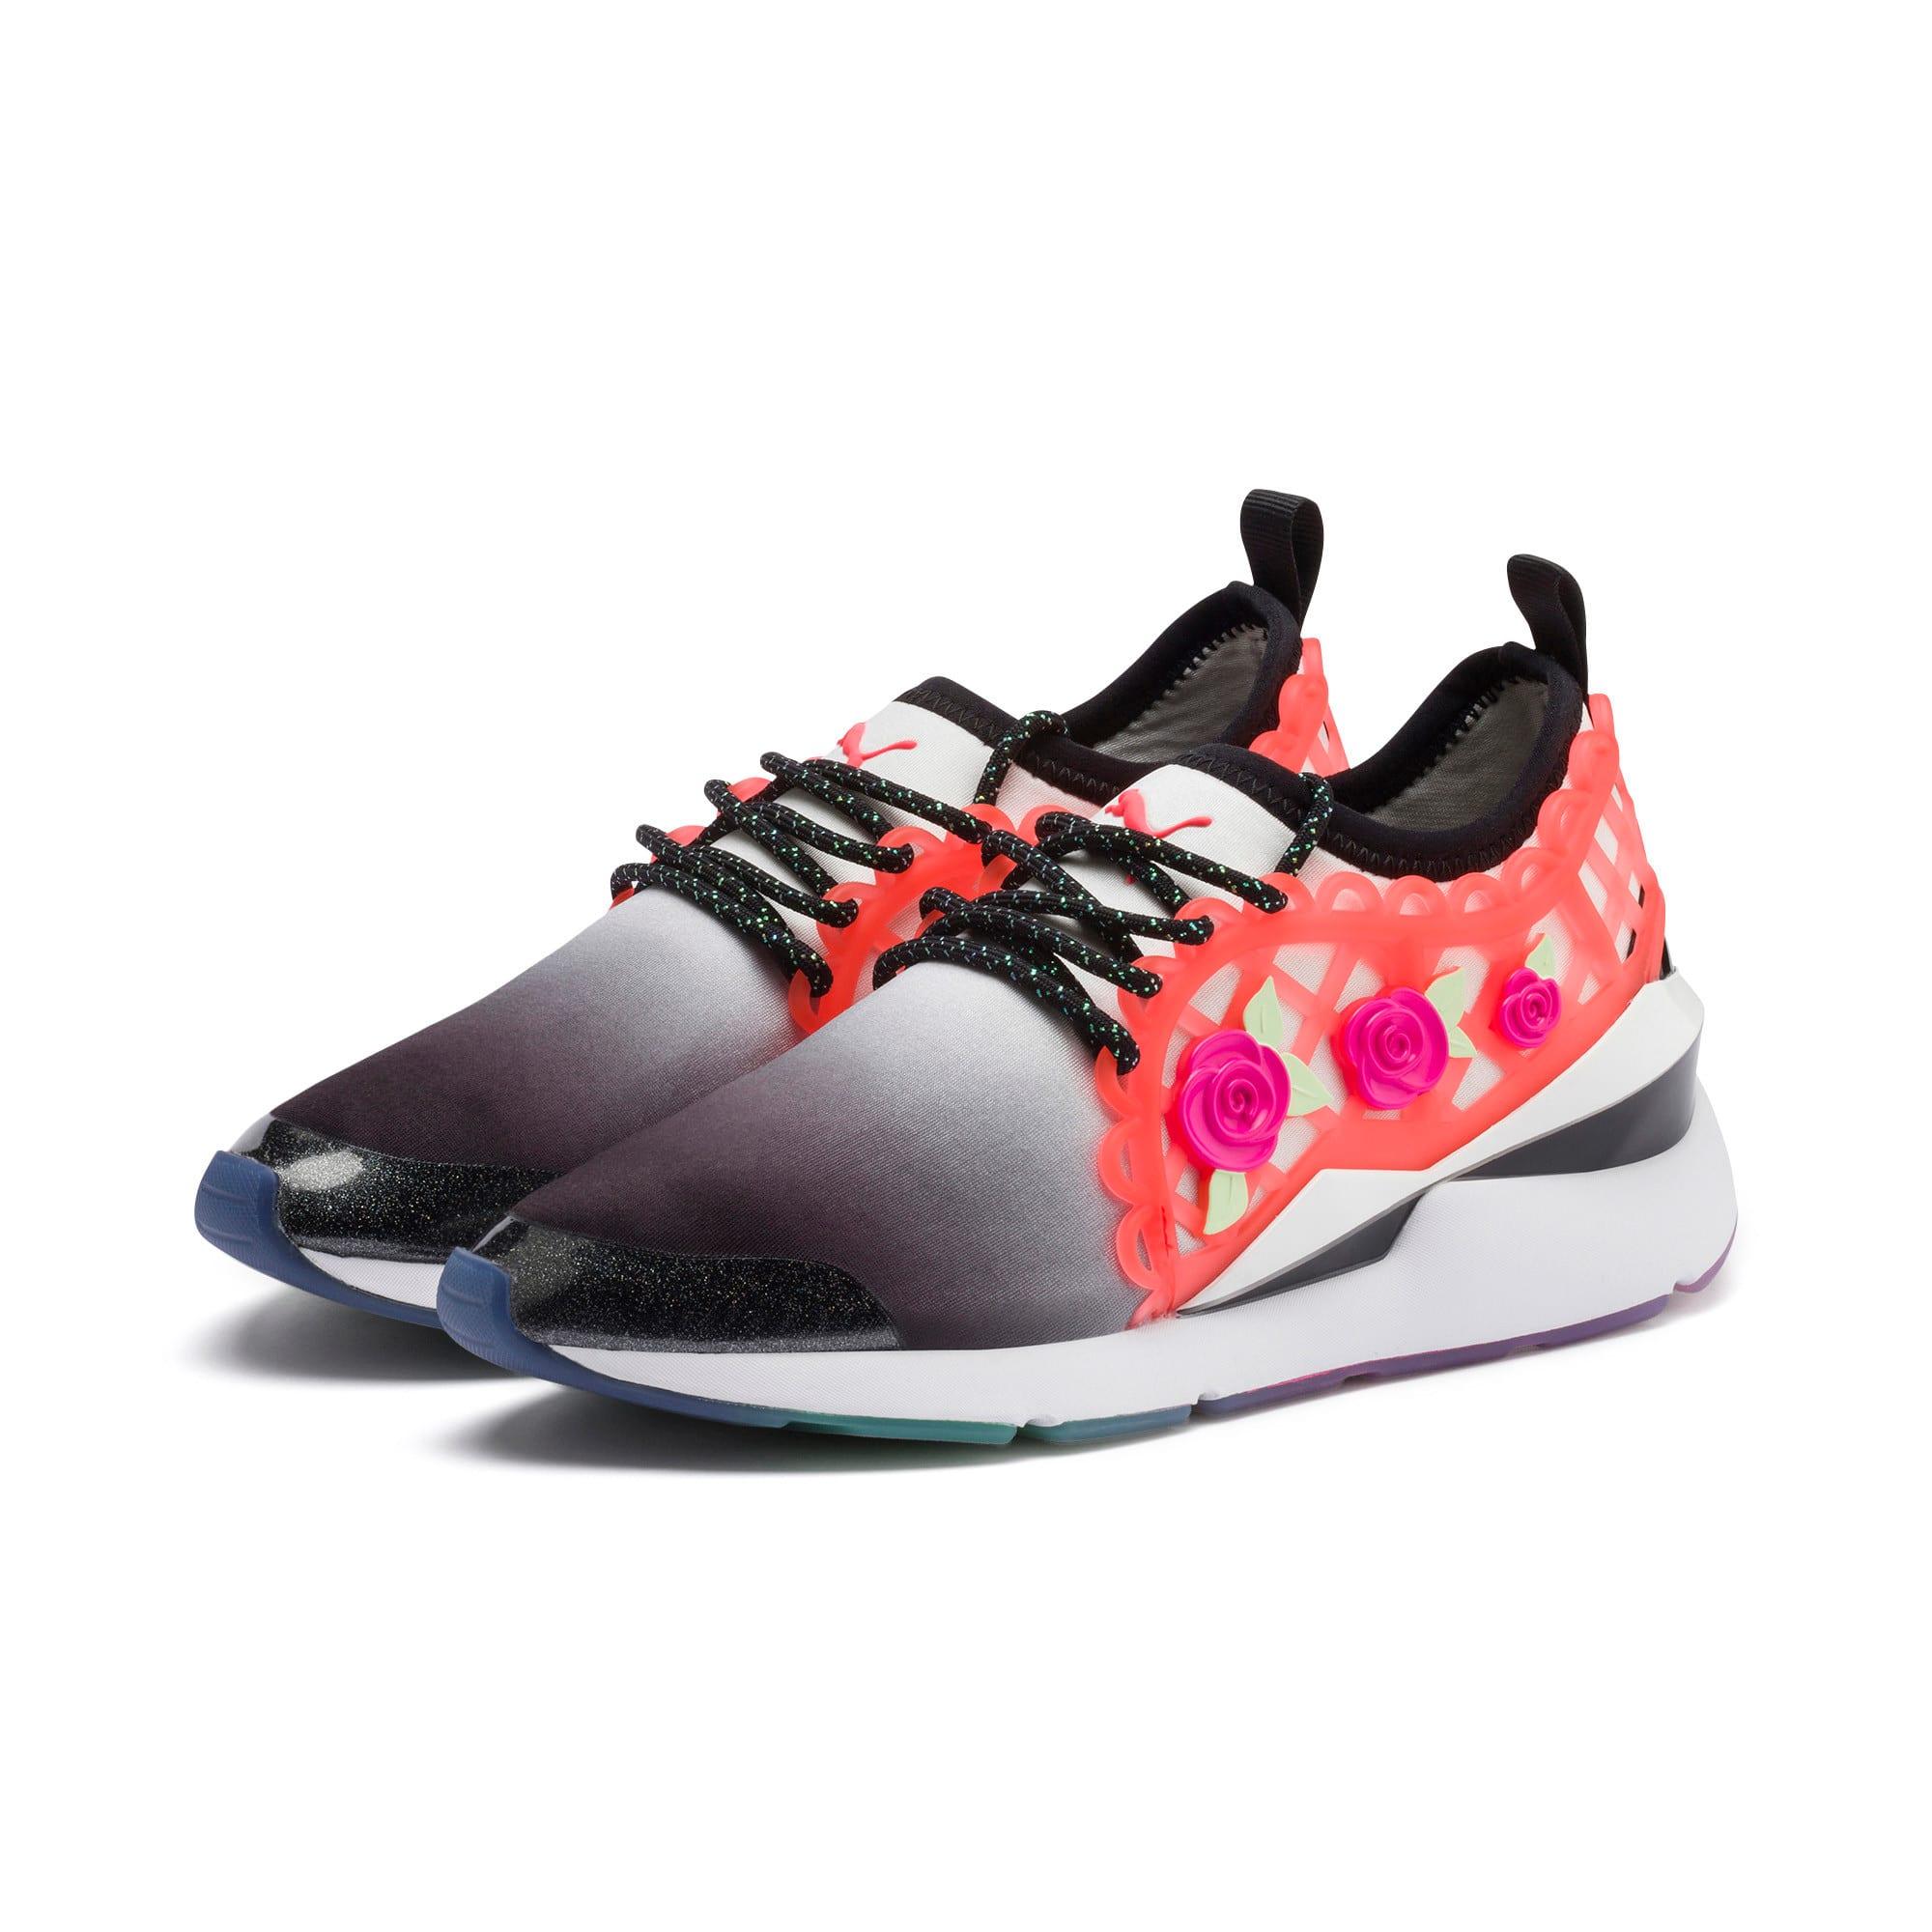 Miniatura 2 de Zapatos deportivos PUMA x SOPHIA WEBSTER Muse para mujer, Puma Black-Puma White, mediano